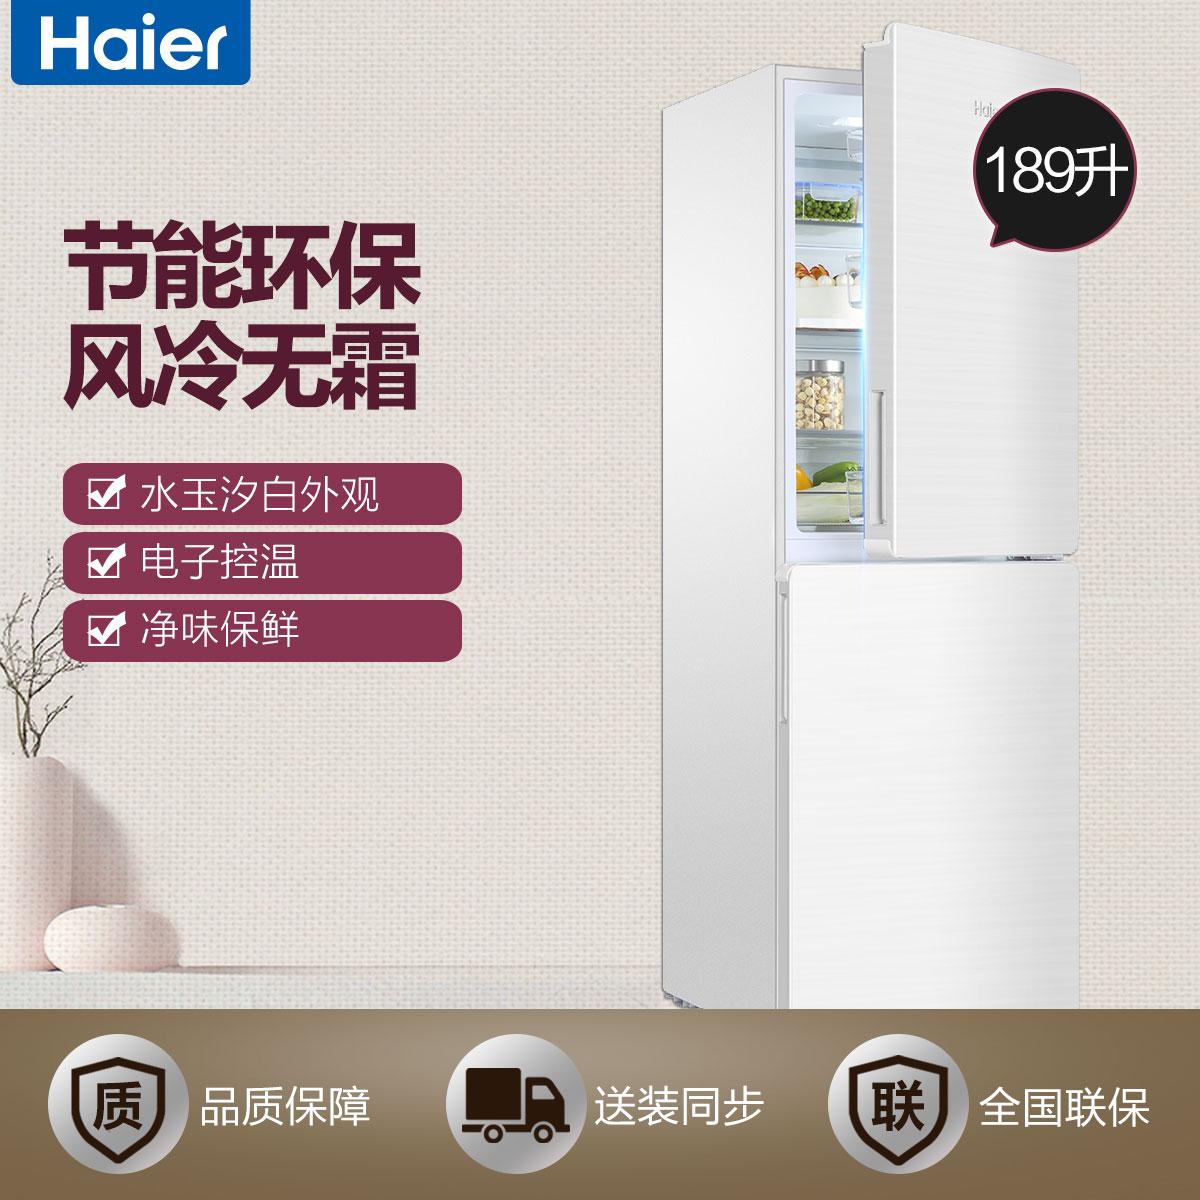 Haier/海尔 冰箱 BCD-189WDPV